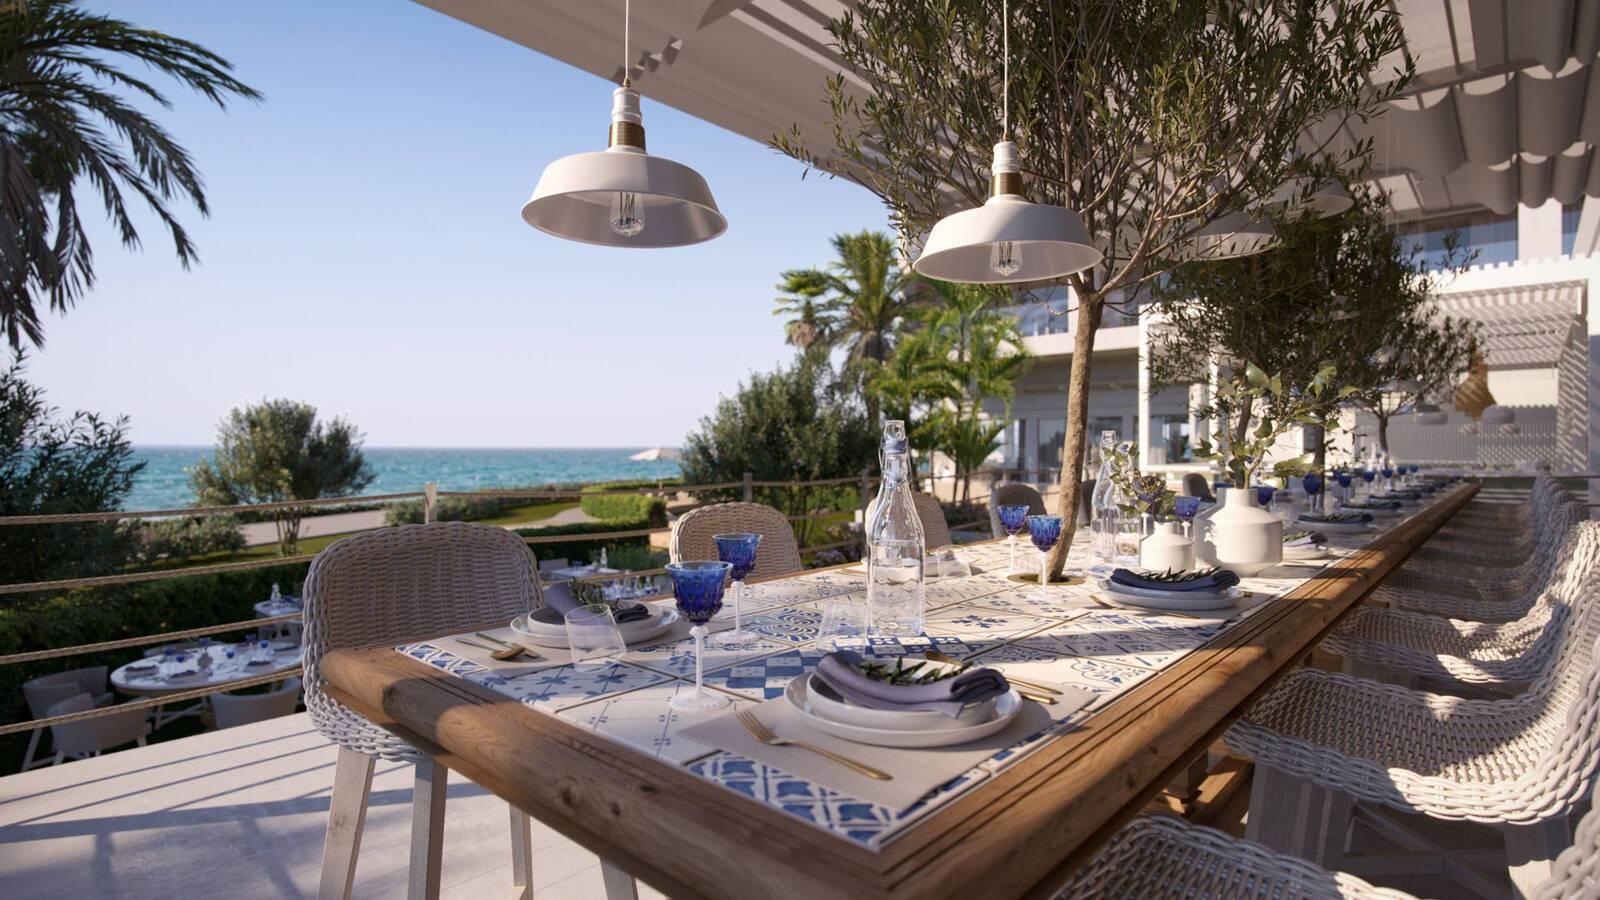 Ikos Andalousia Espagne Ouzo Restaurant